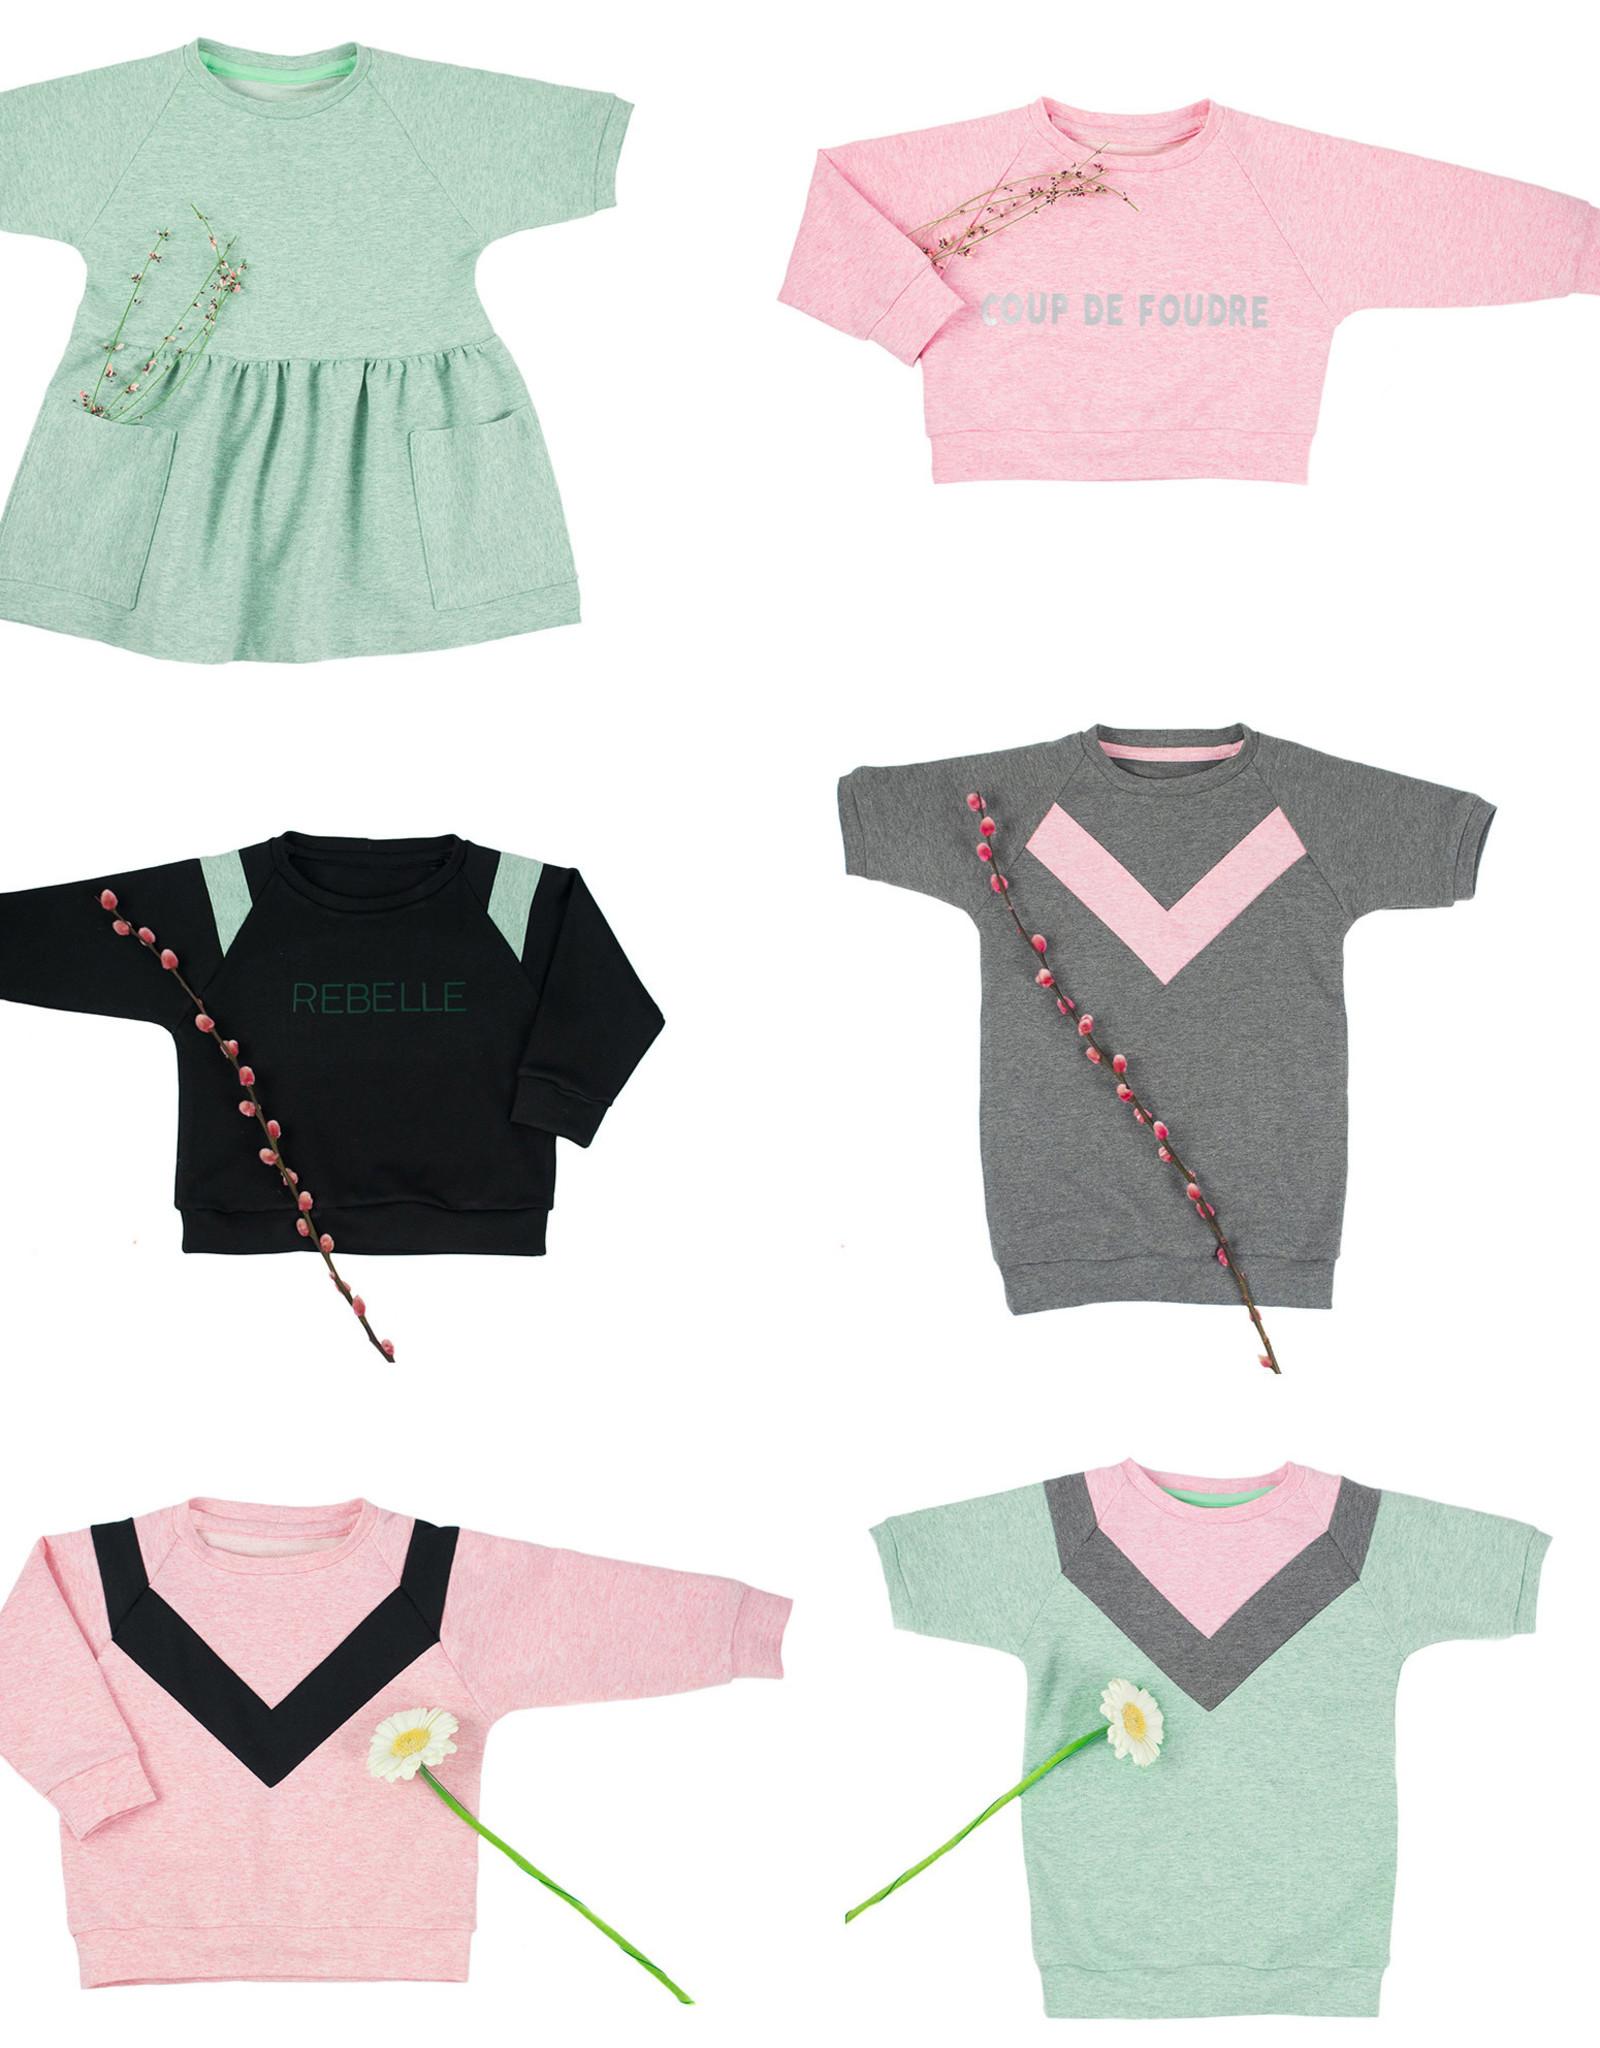 Bel' Etoile Isa jurk, sweater & top kinderen